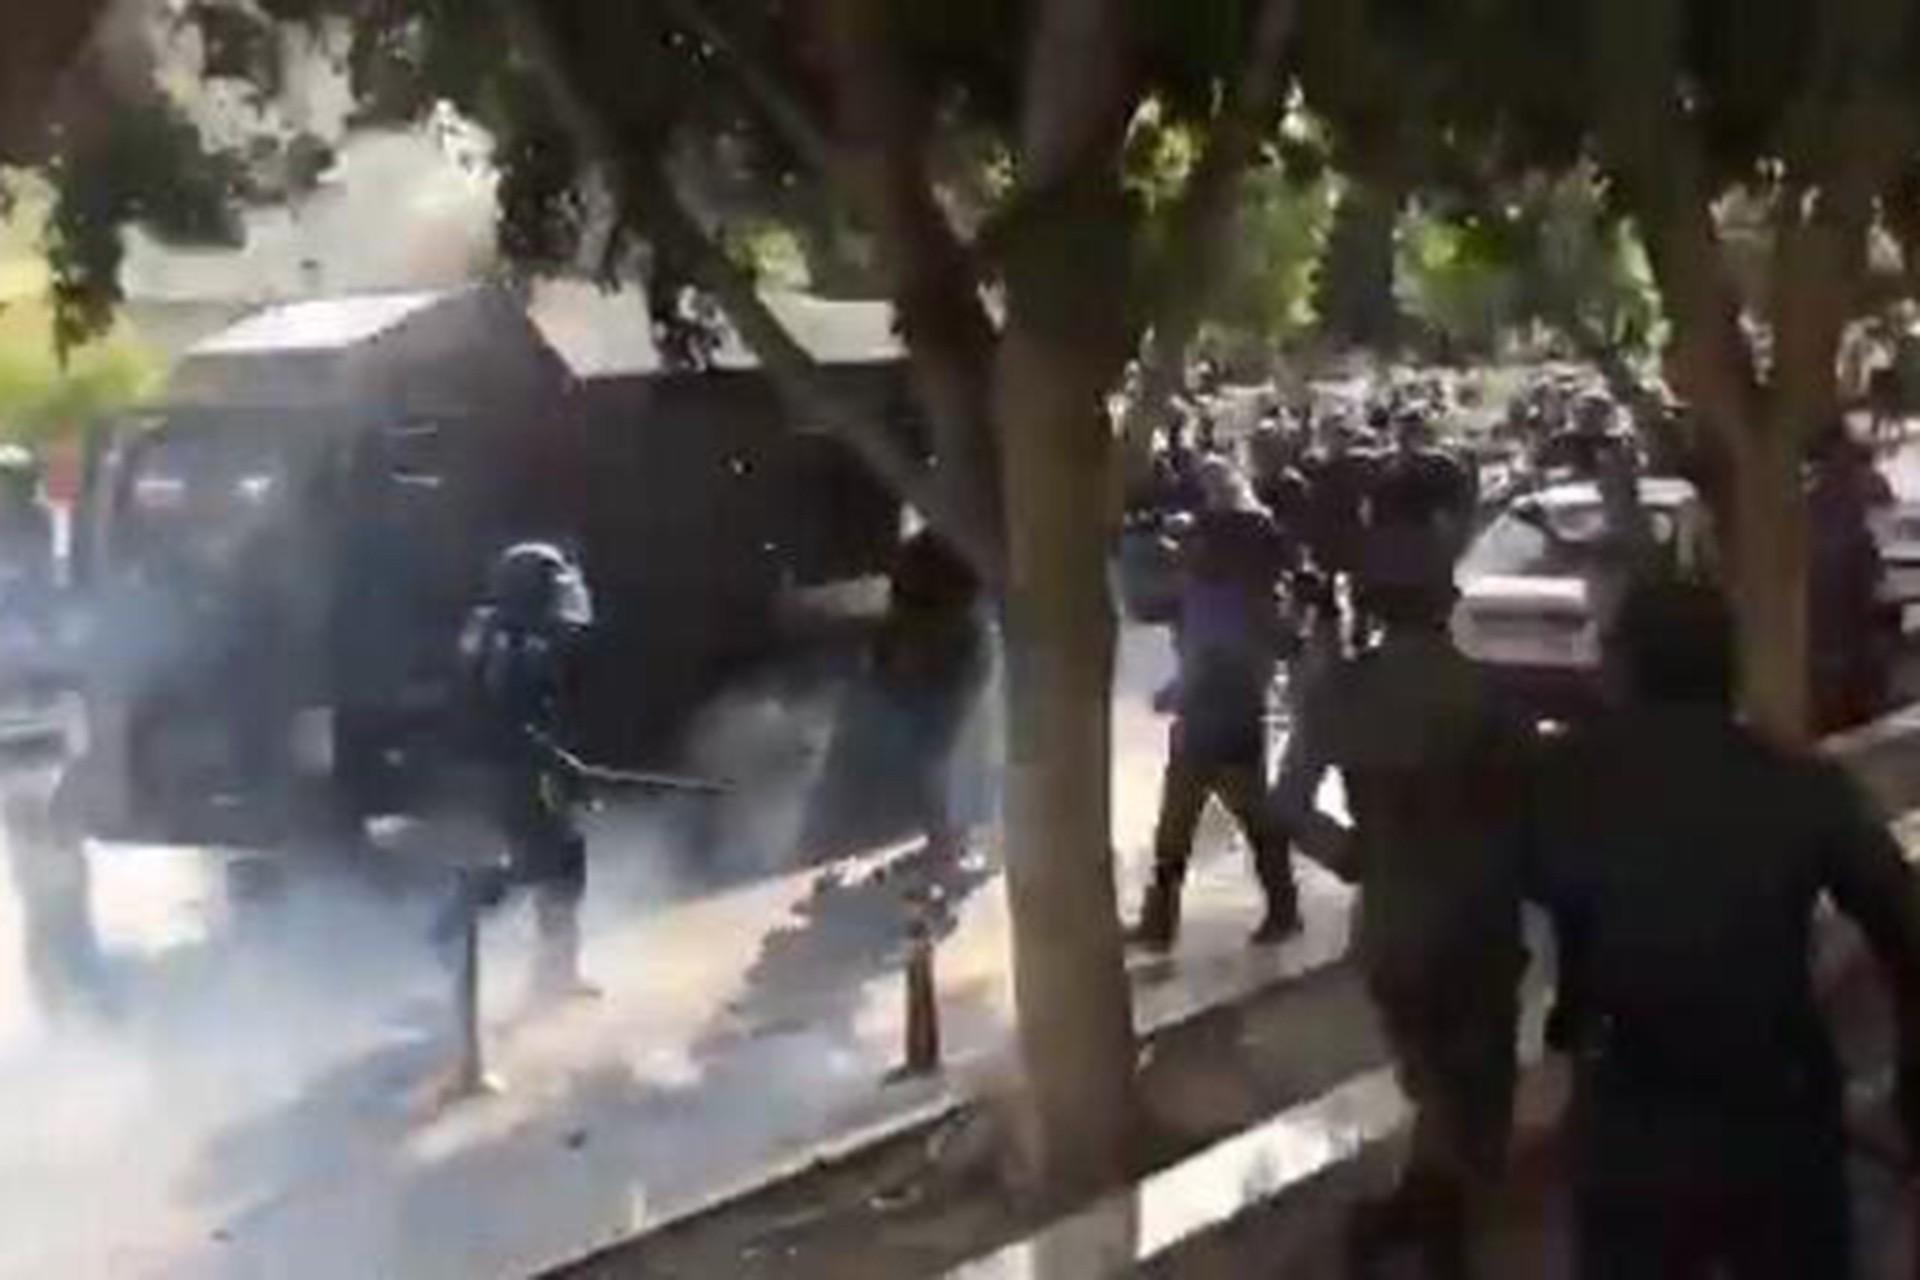 İran'daki protesto gösterileri sırasında polisin biber gazı ve cop kullandığı andan bir fotoğraf